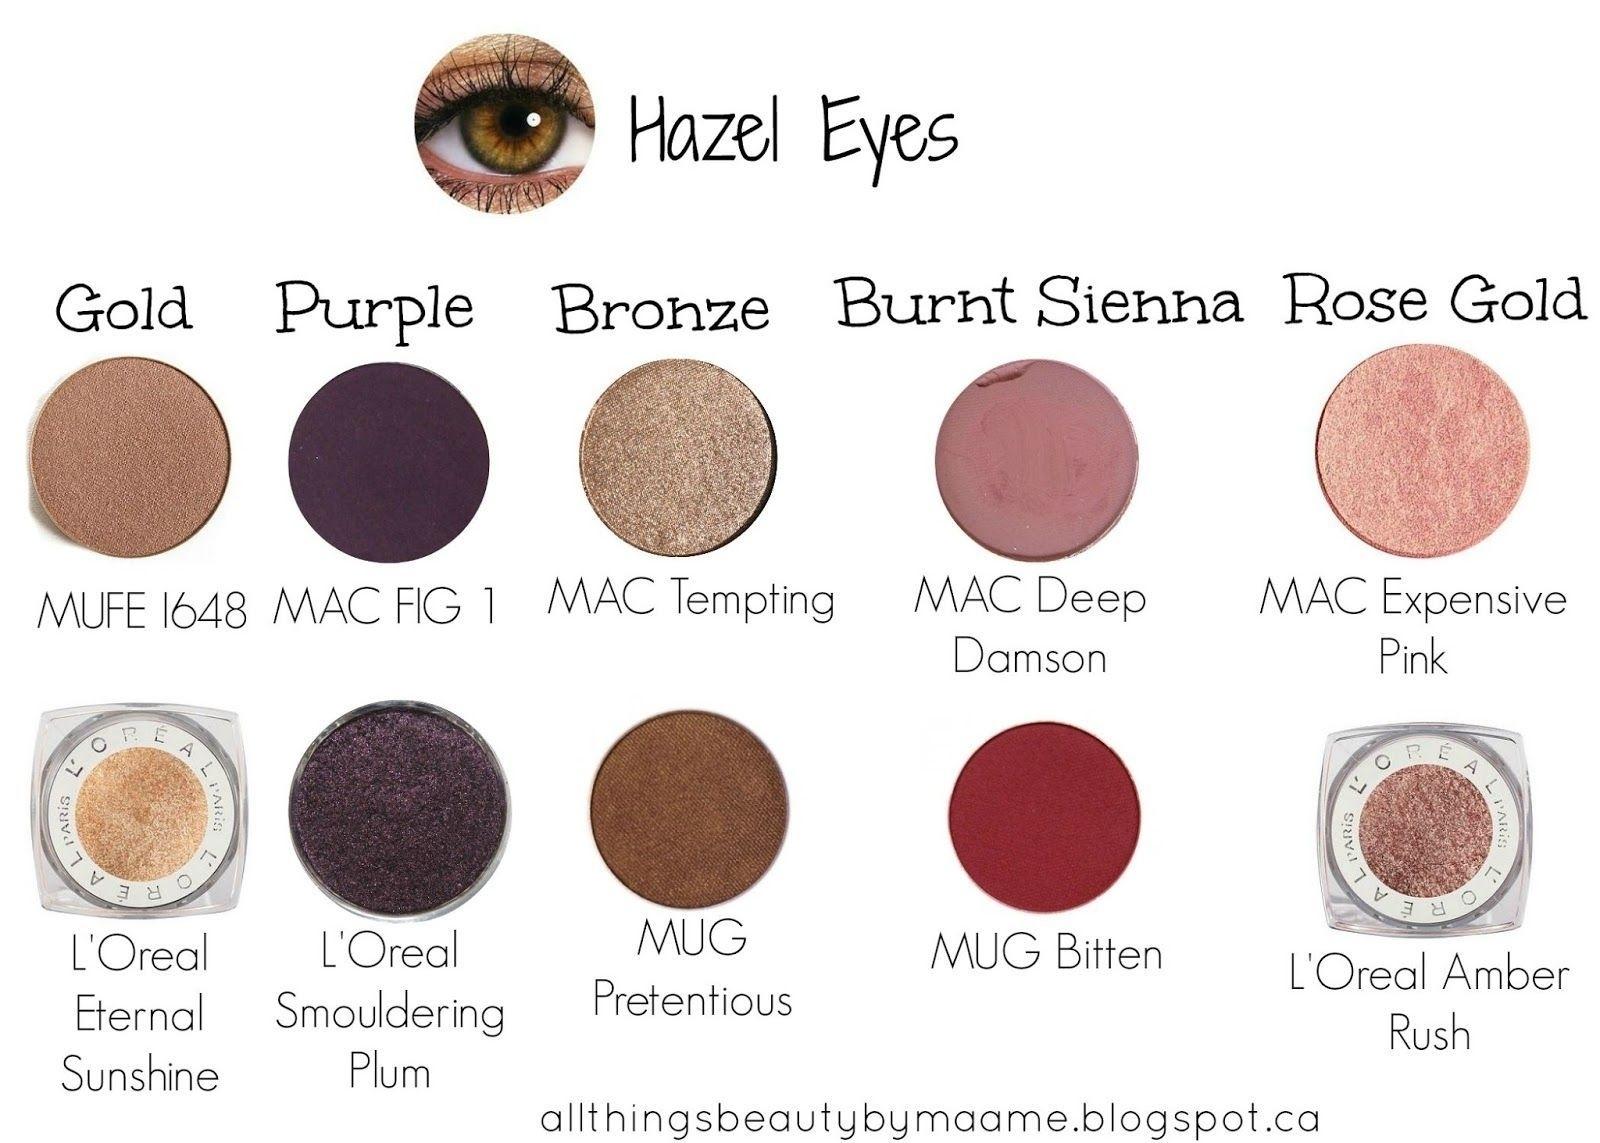 Best Mac Eyeshadow For Hazel Eyes – Wavy Haircut regarding Best Color Mac Eyeshadow For Hazel Eyes